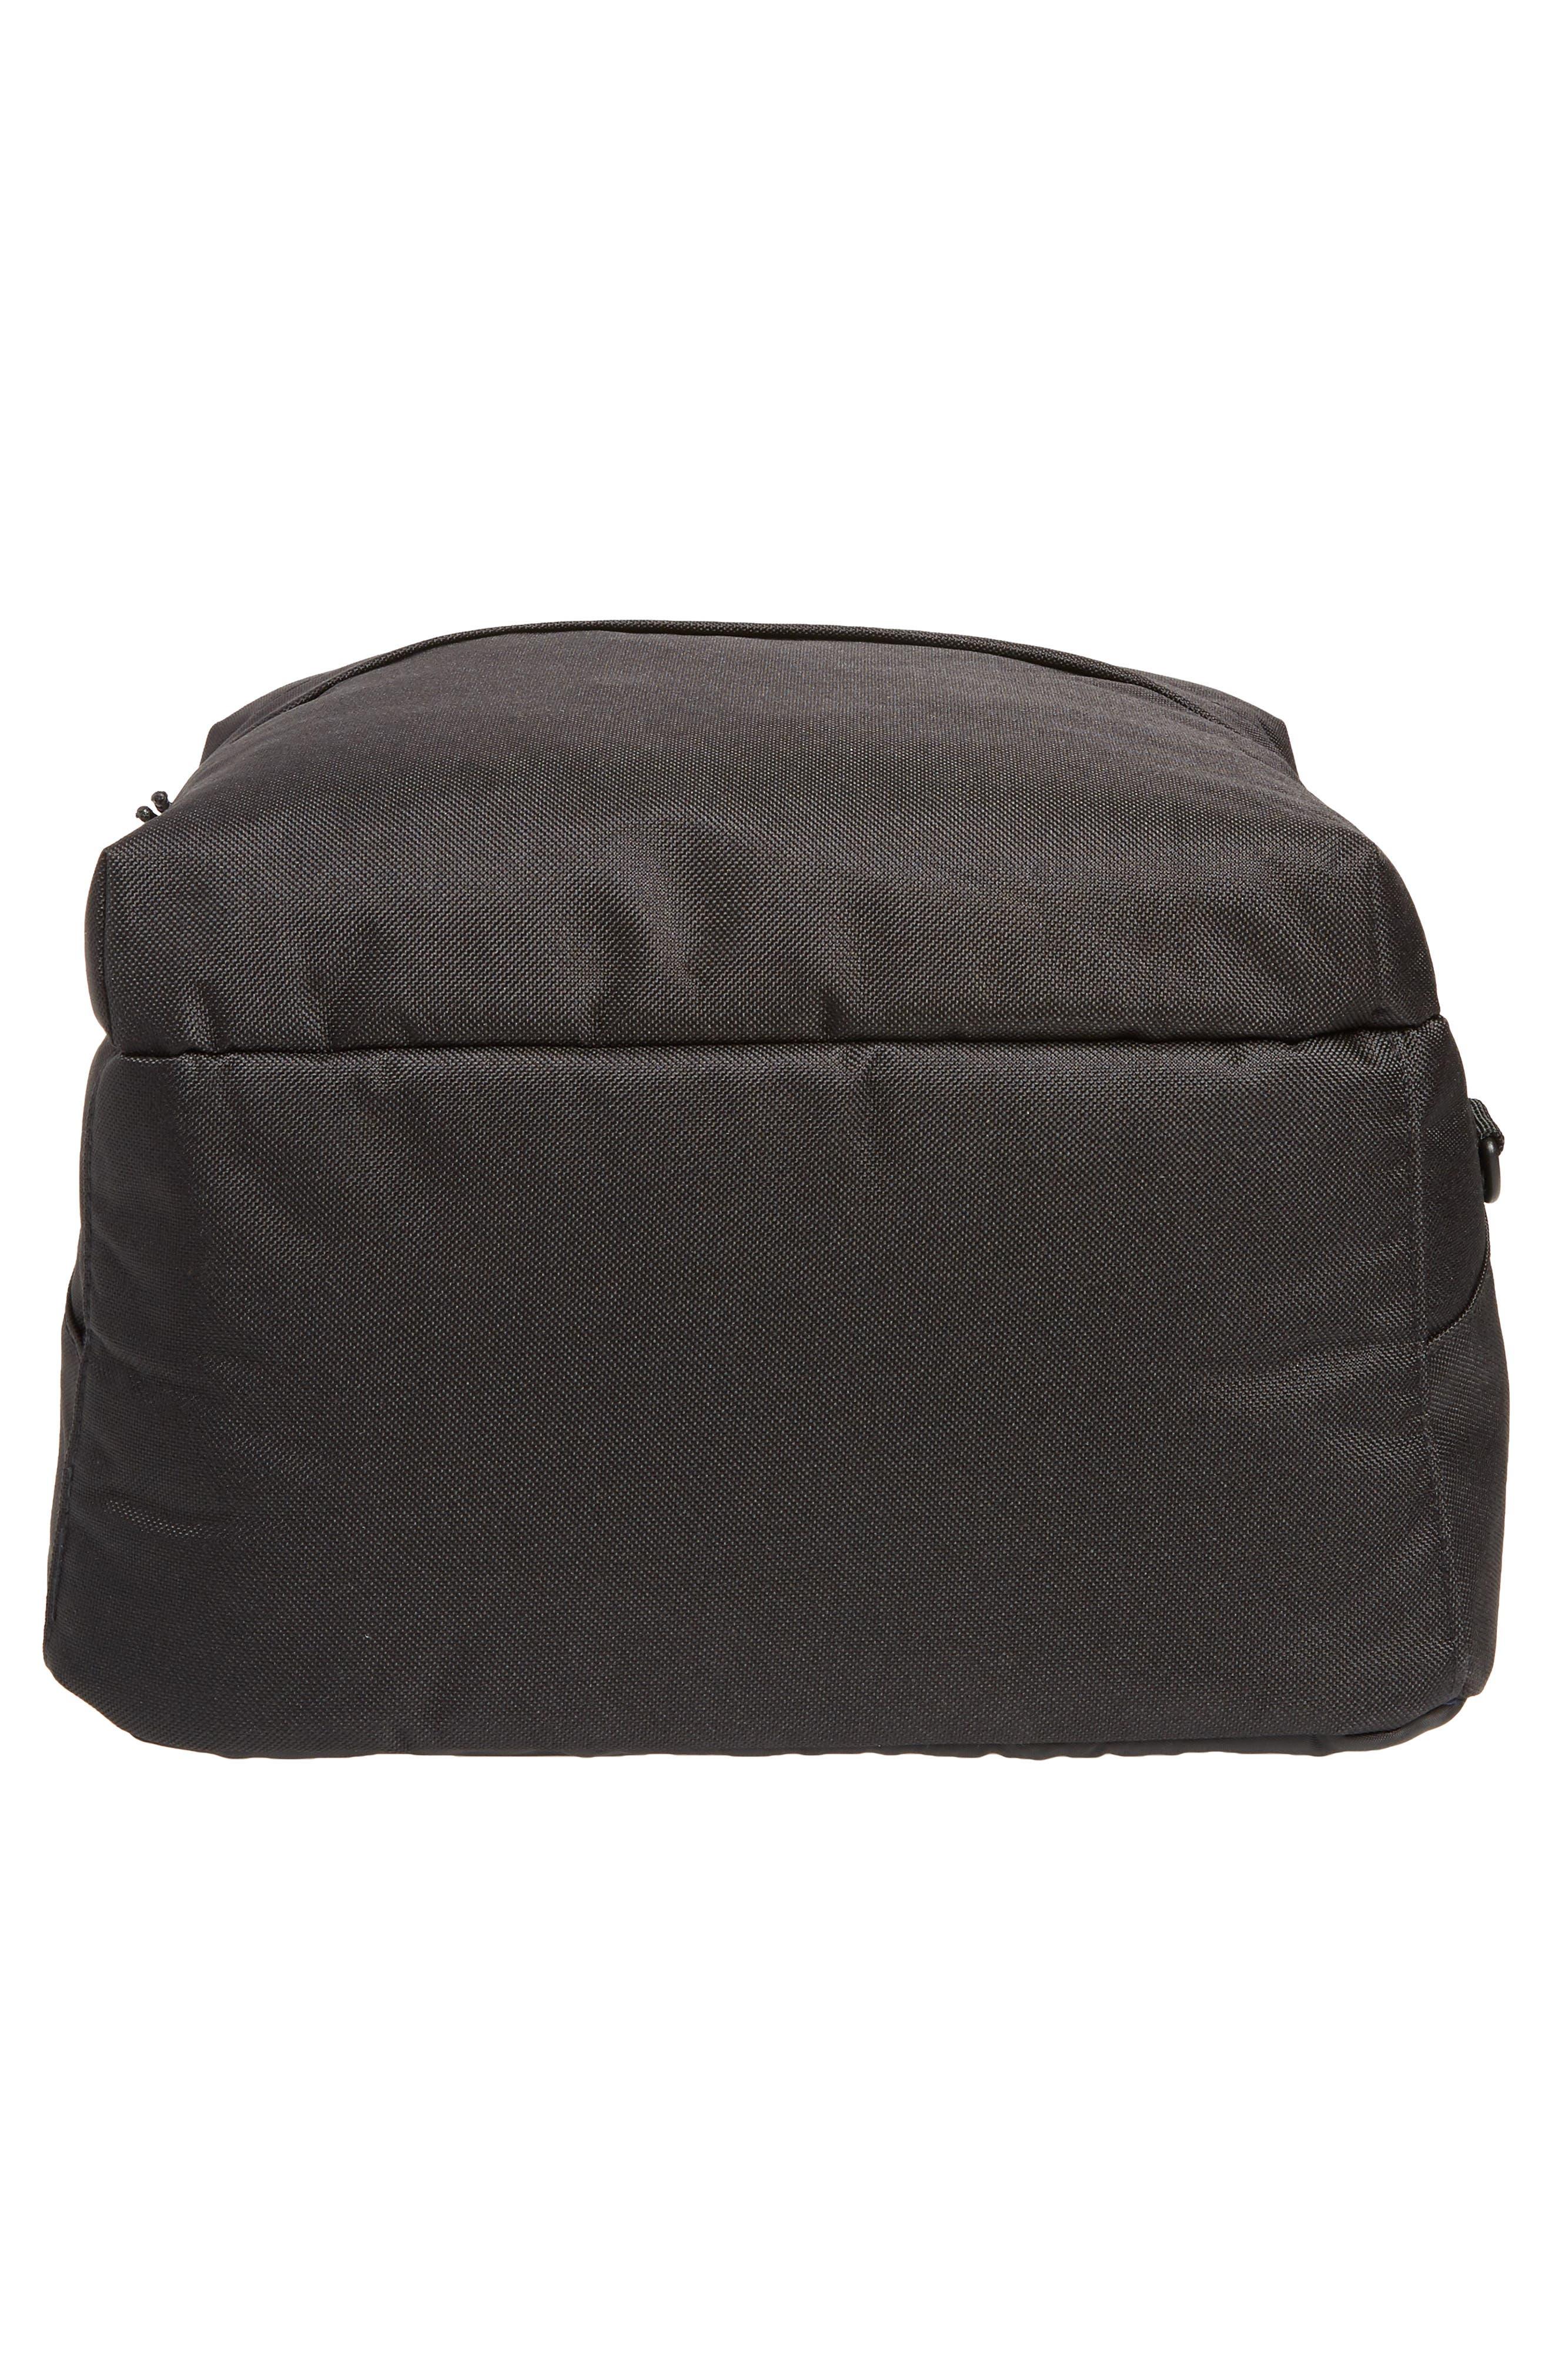 Transfer Backpack,                             Alternate thumbnail 6, color,                             BLACK